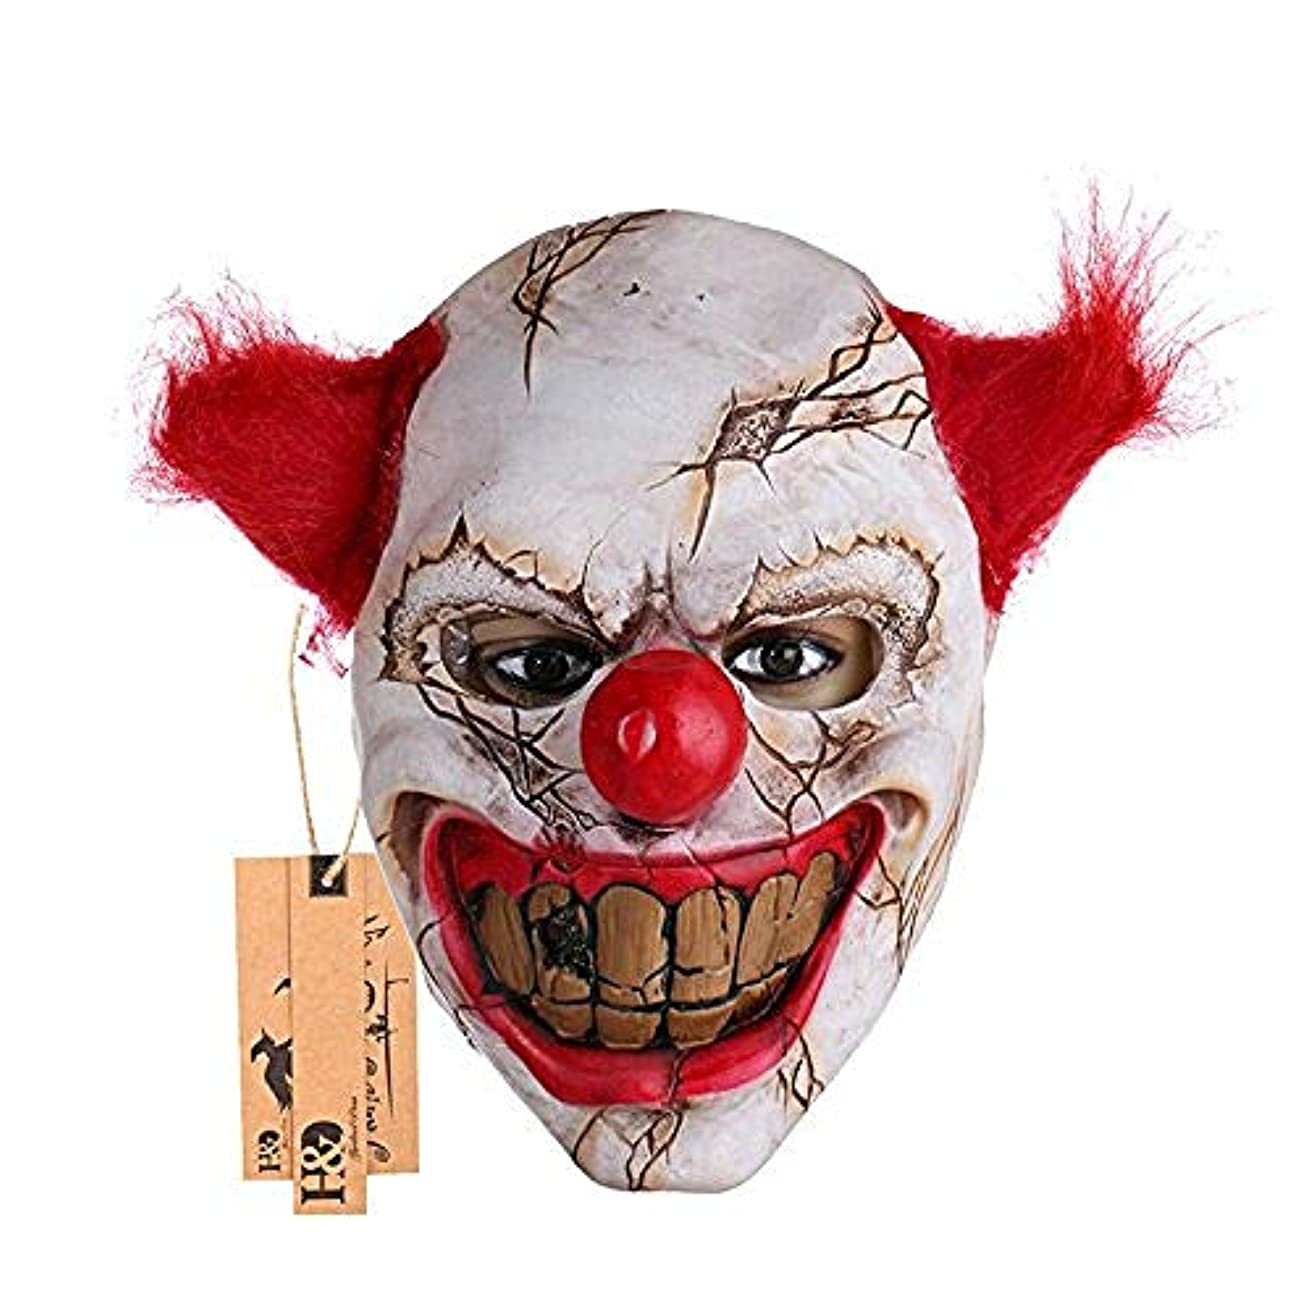 おじさん女性効果的にハロウィーンラテックスピエロマスク、コスチュームパーティー小道具マスク、透明な大きな口の赤い髪の鼻、コスプレホラーマスカレードマスクゴーストパーティー